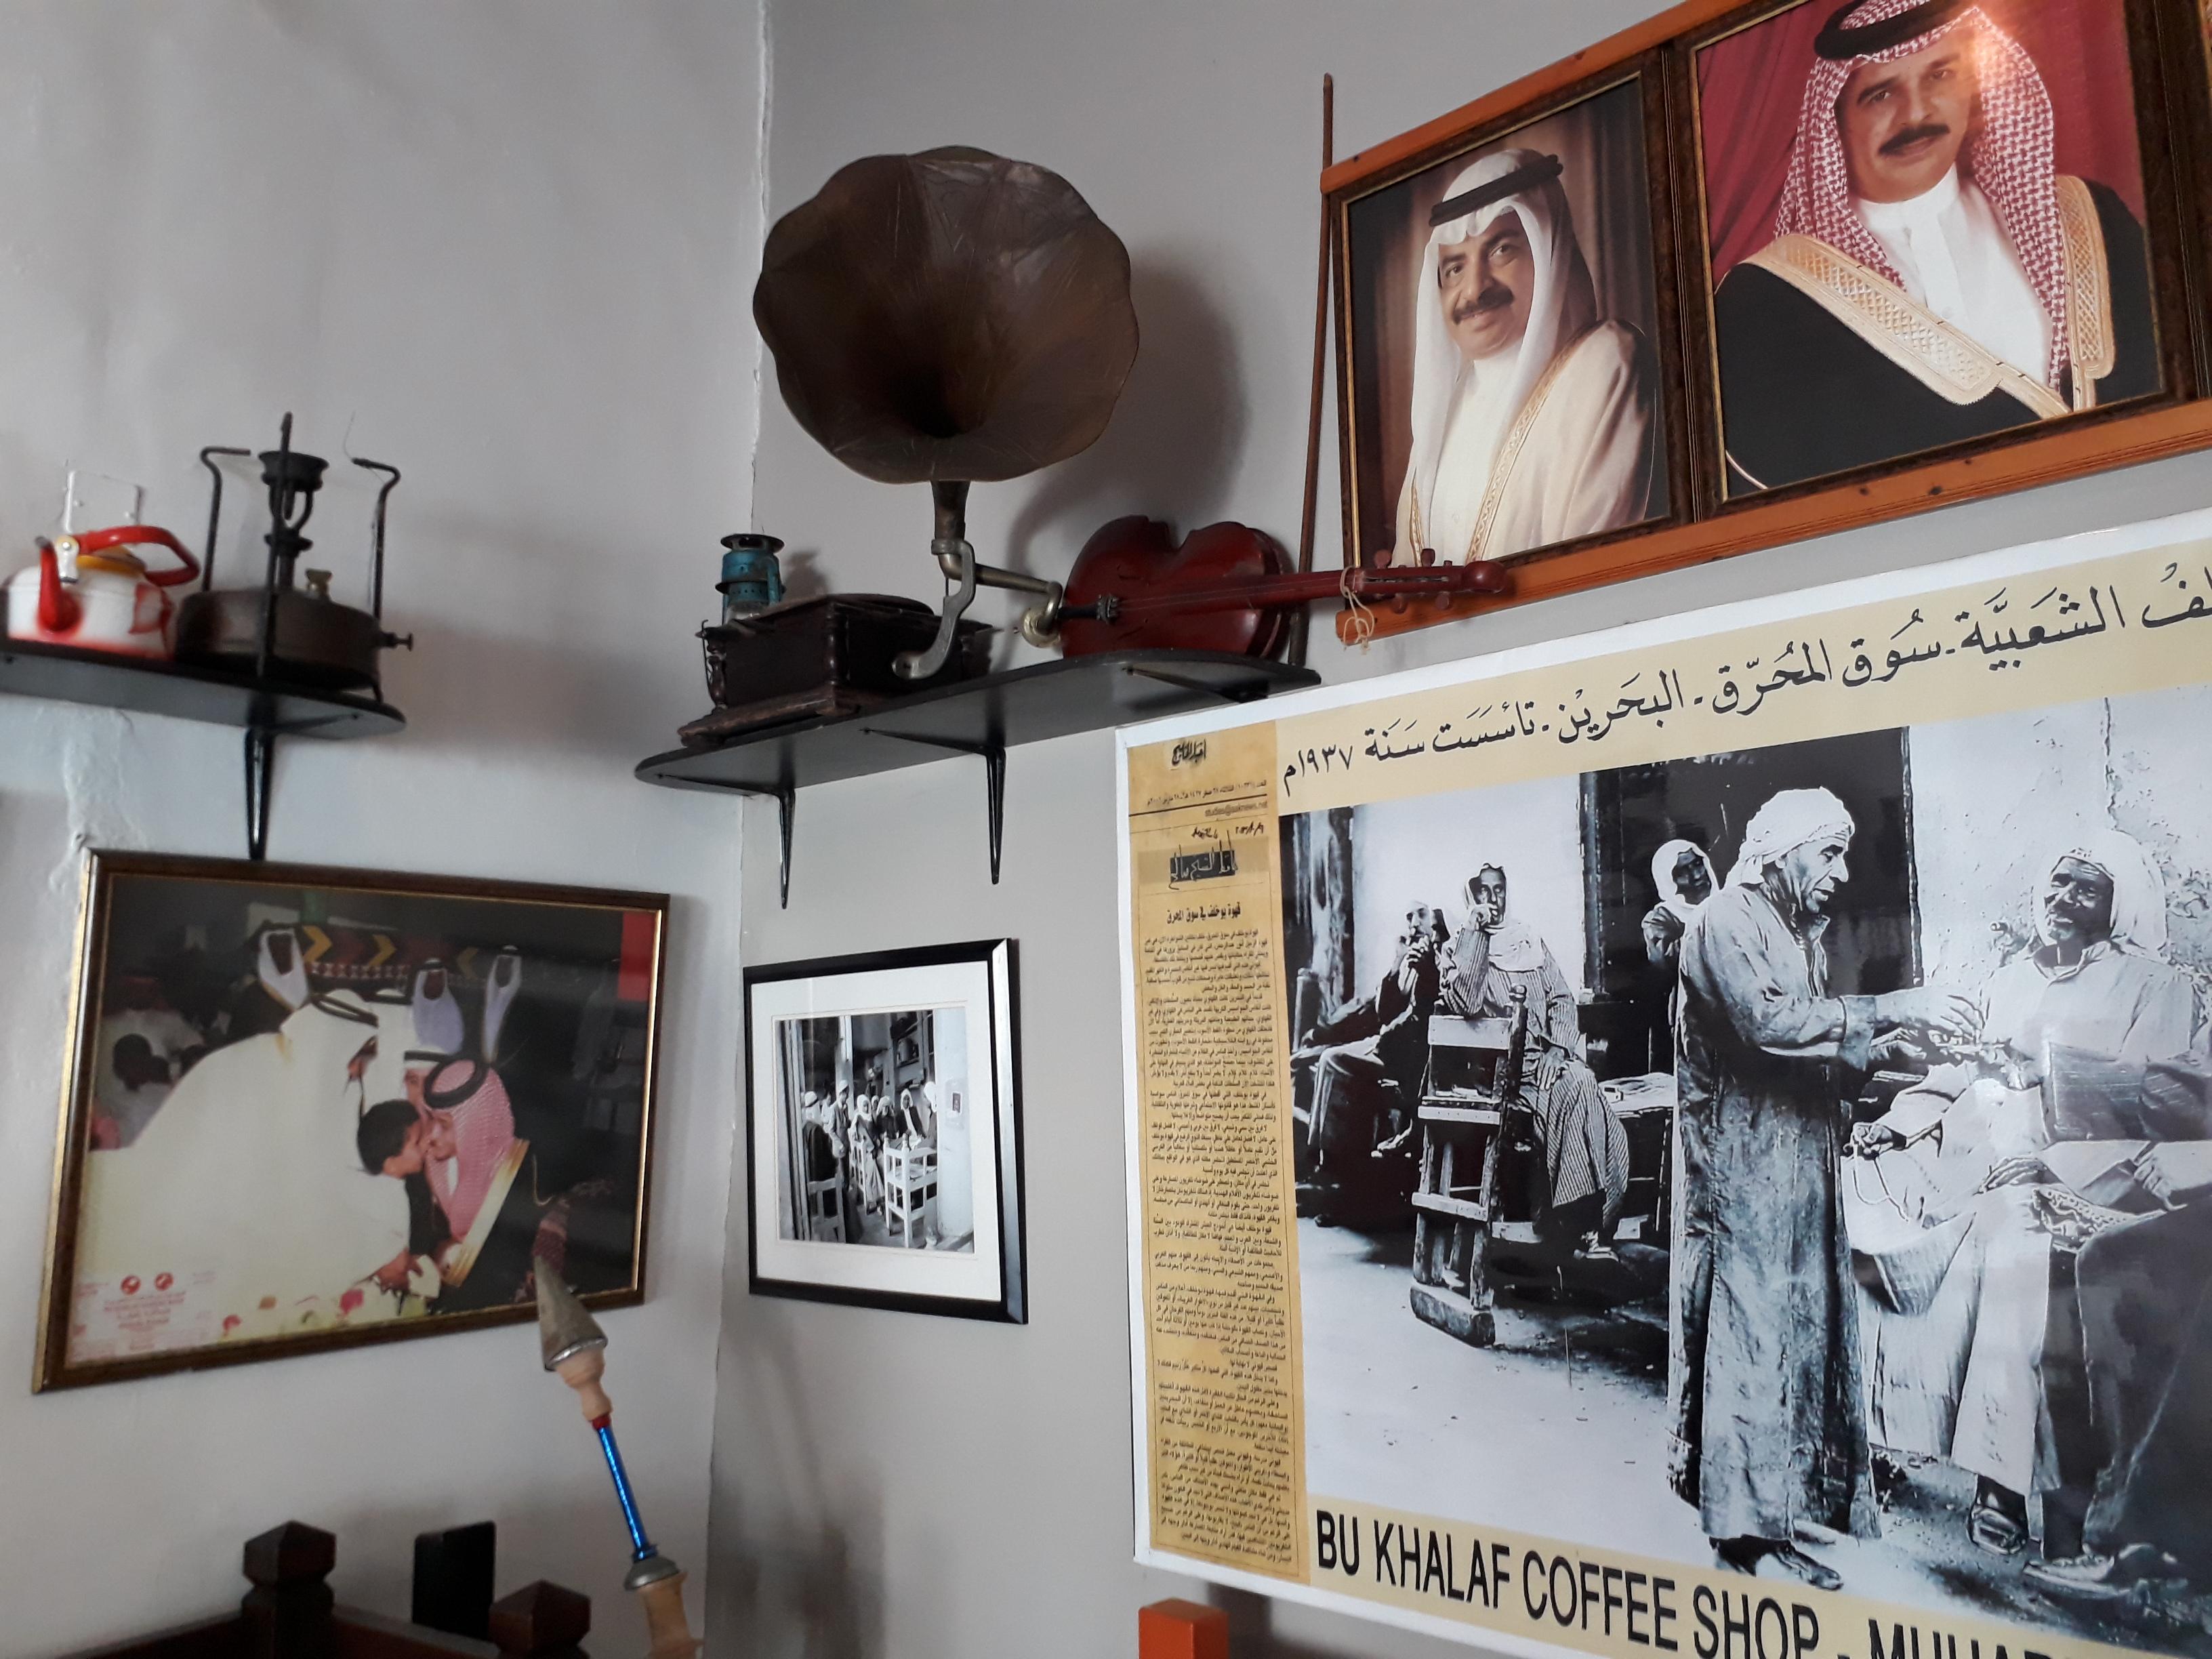 Bahrain Tour Guides